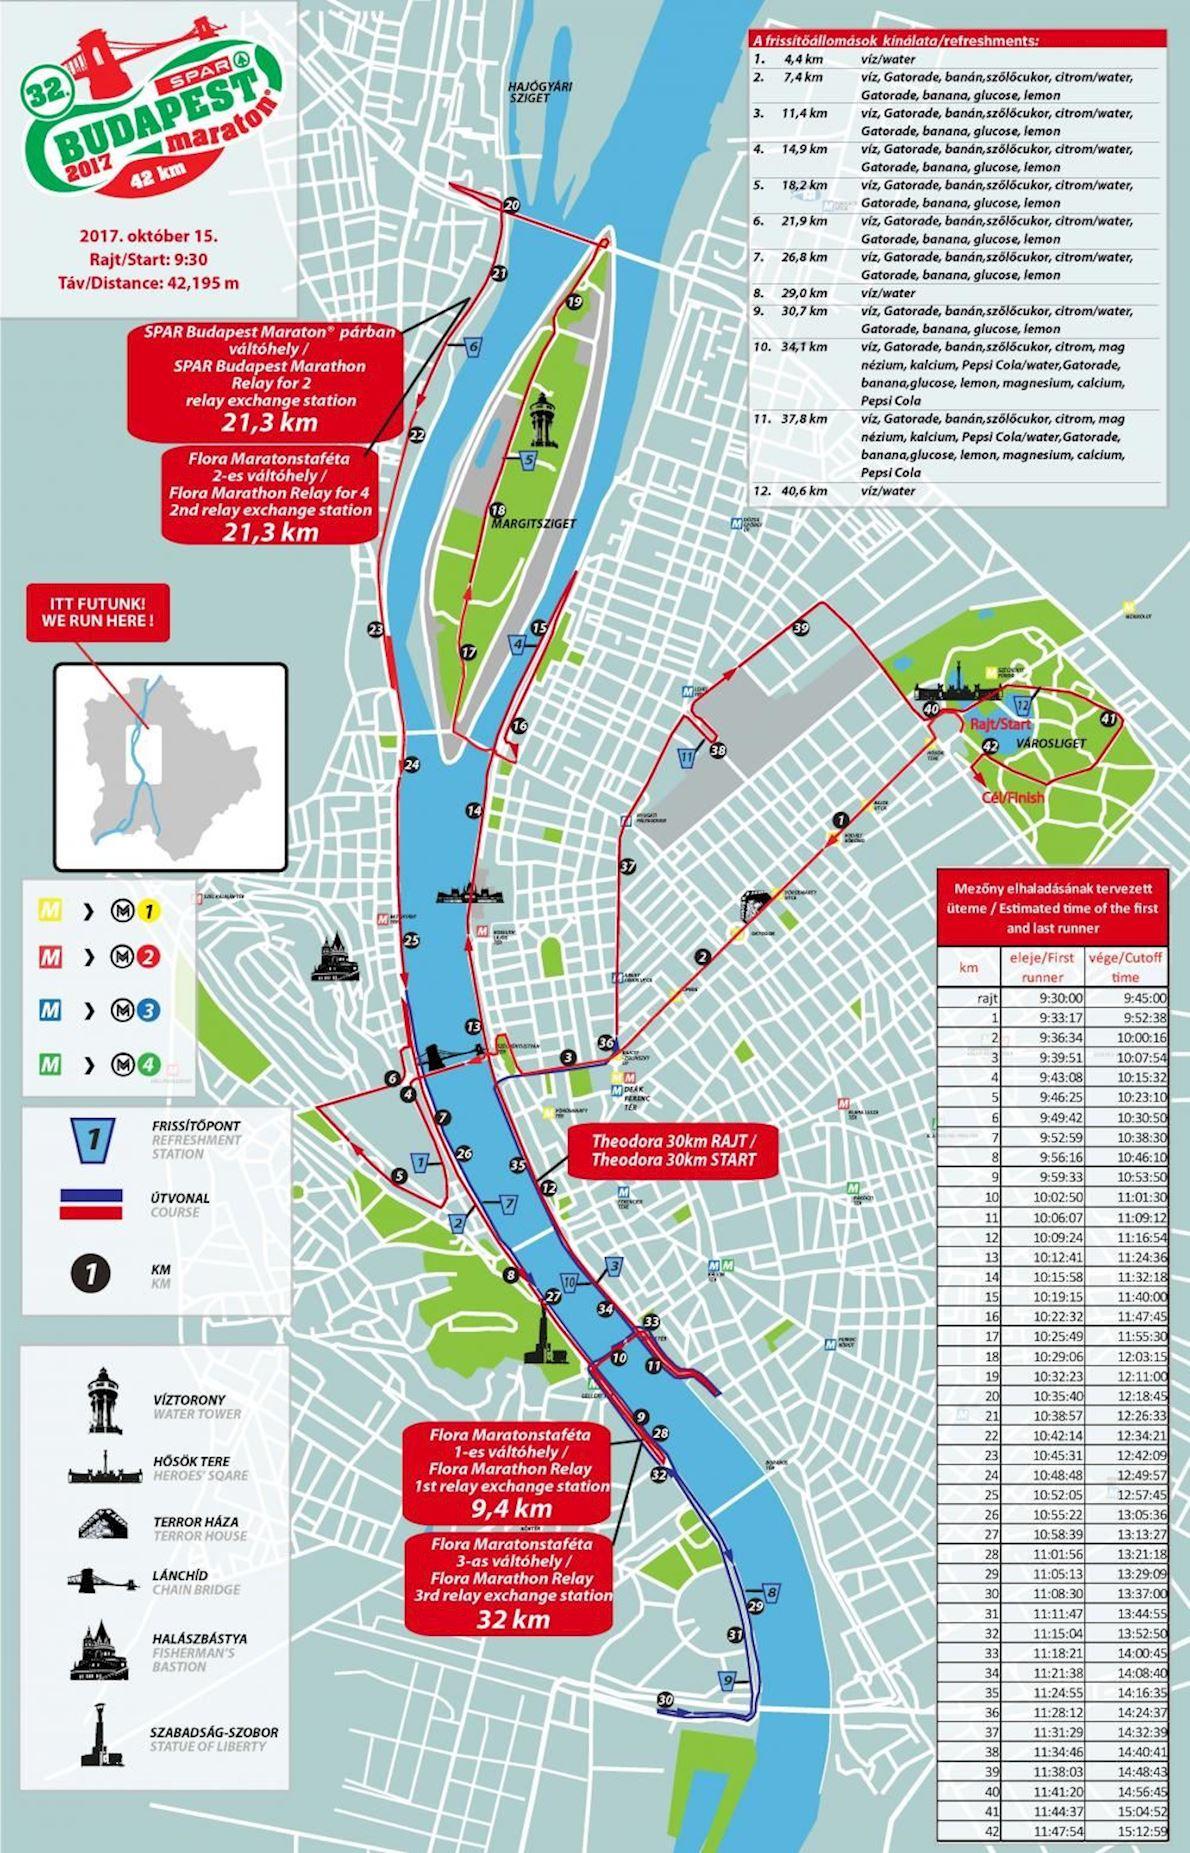 SPAR Budapest Marathon ITINERAIRE